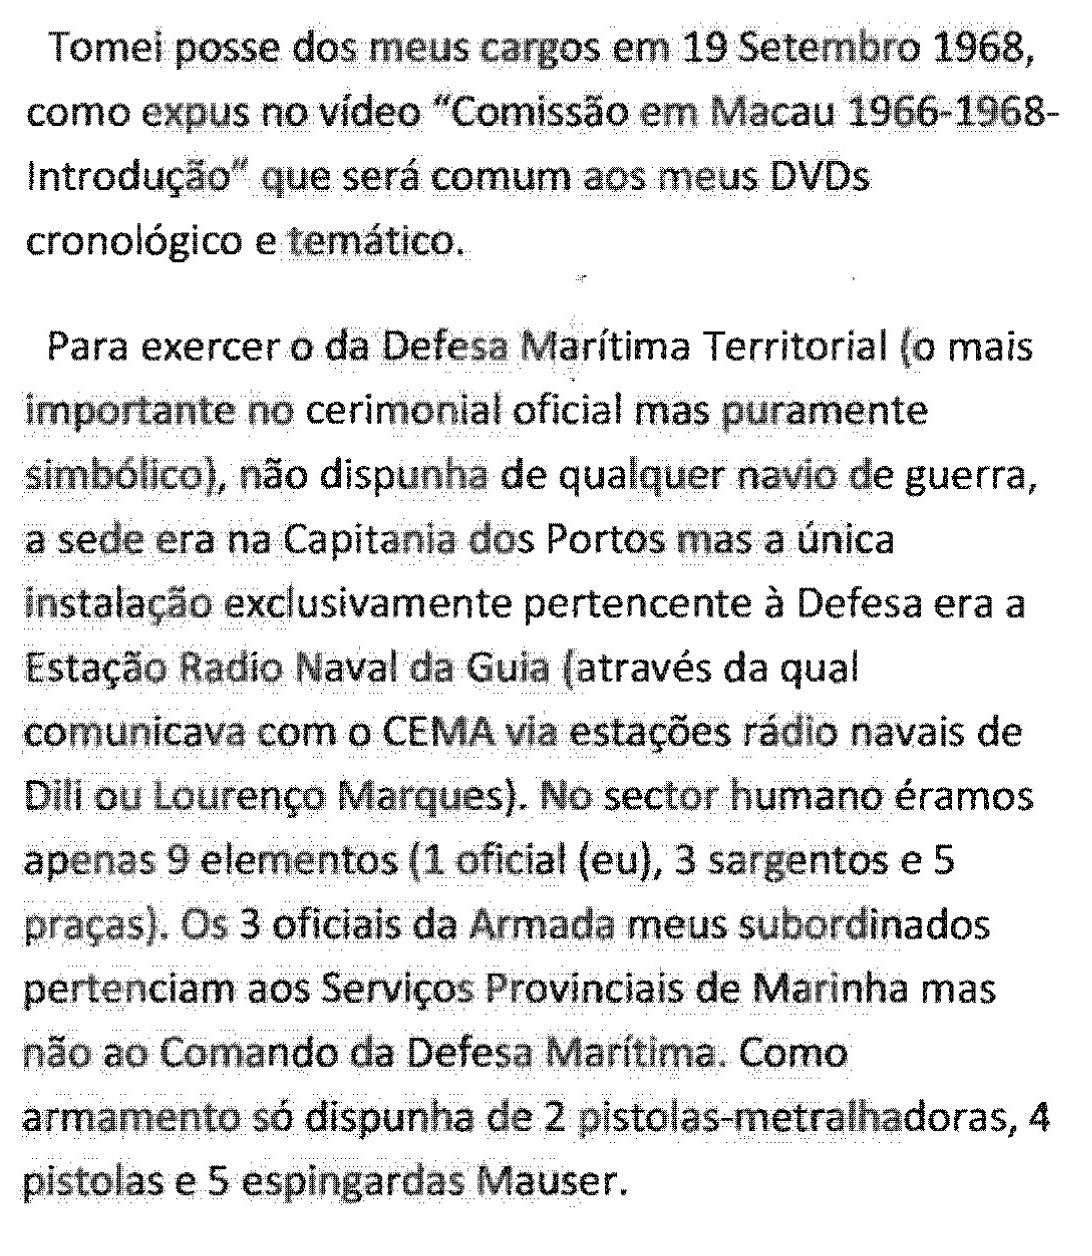 08 Textos do DVD Acontecimentos em Macau 1966-67-3